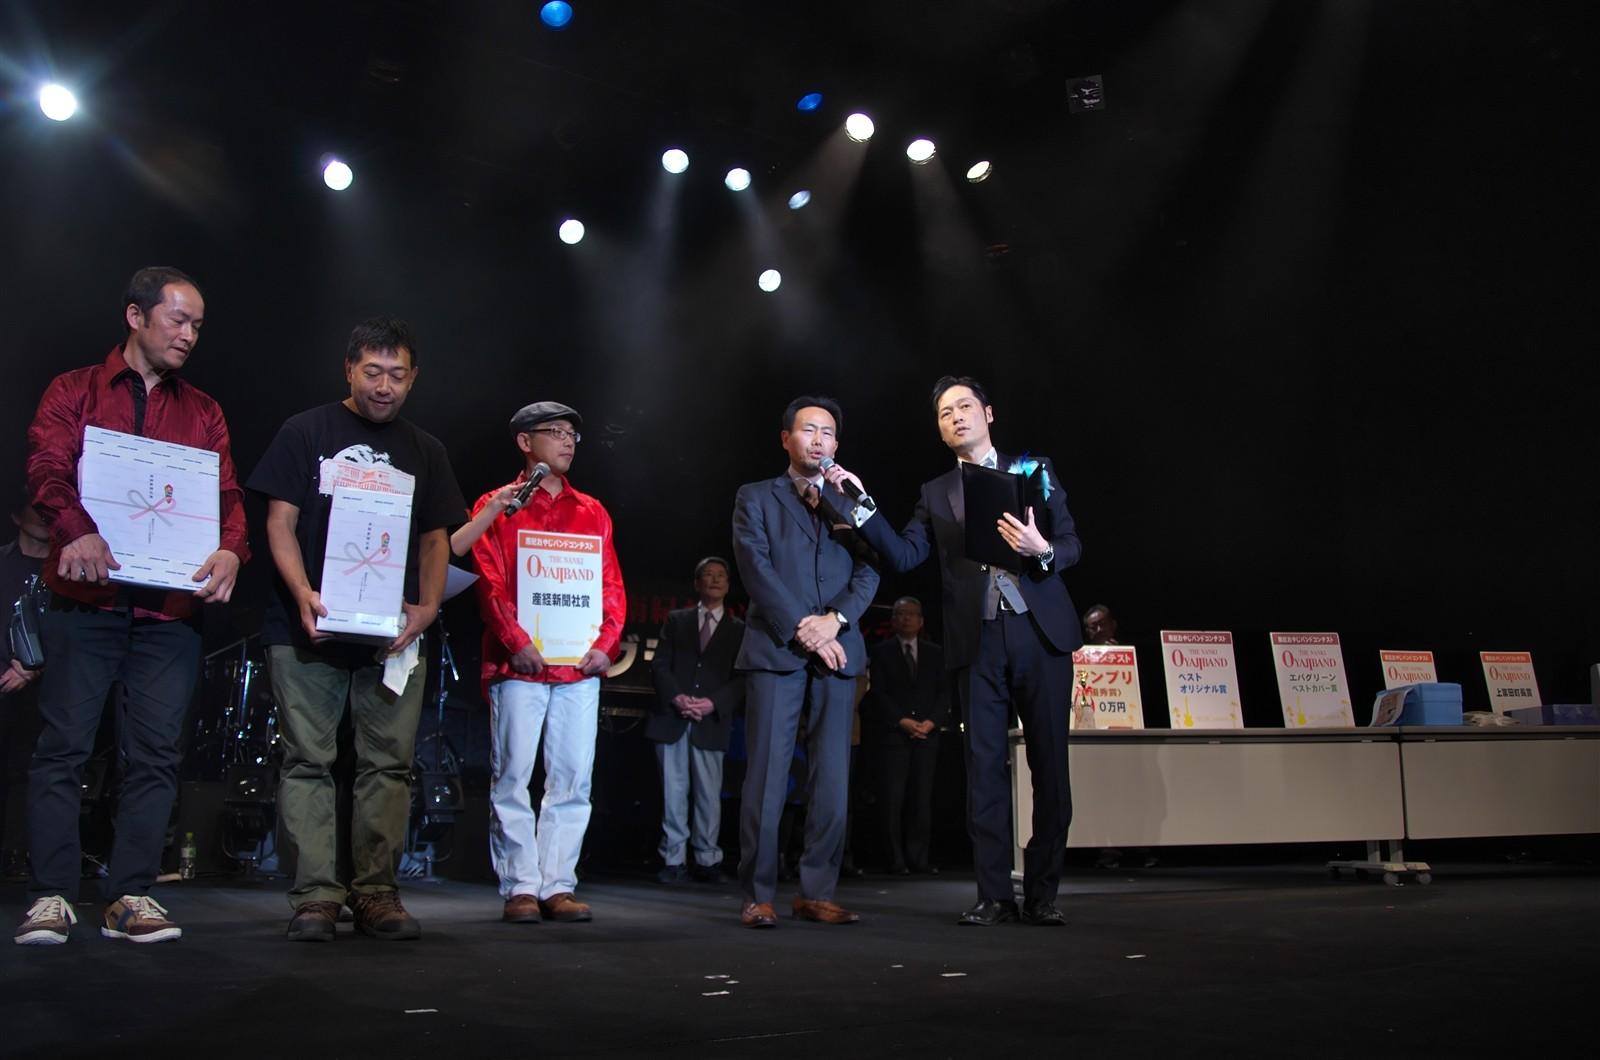 12‐1‐1表彰式_産経新聞社賞0020_R